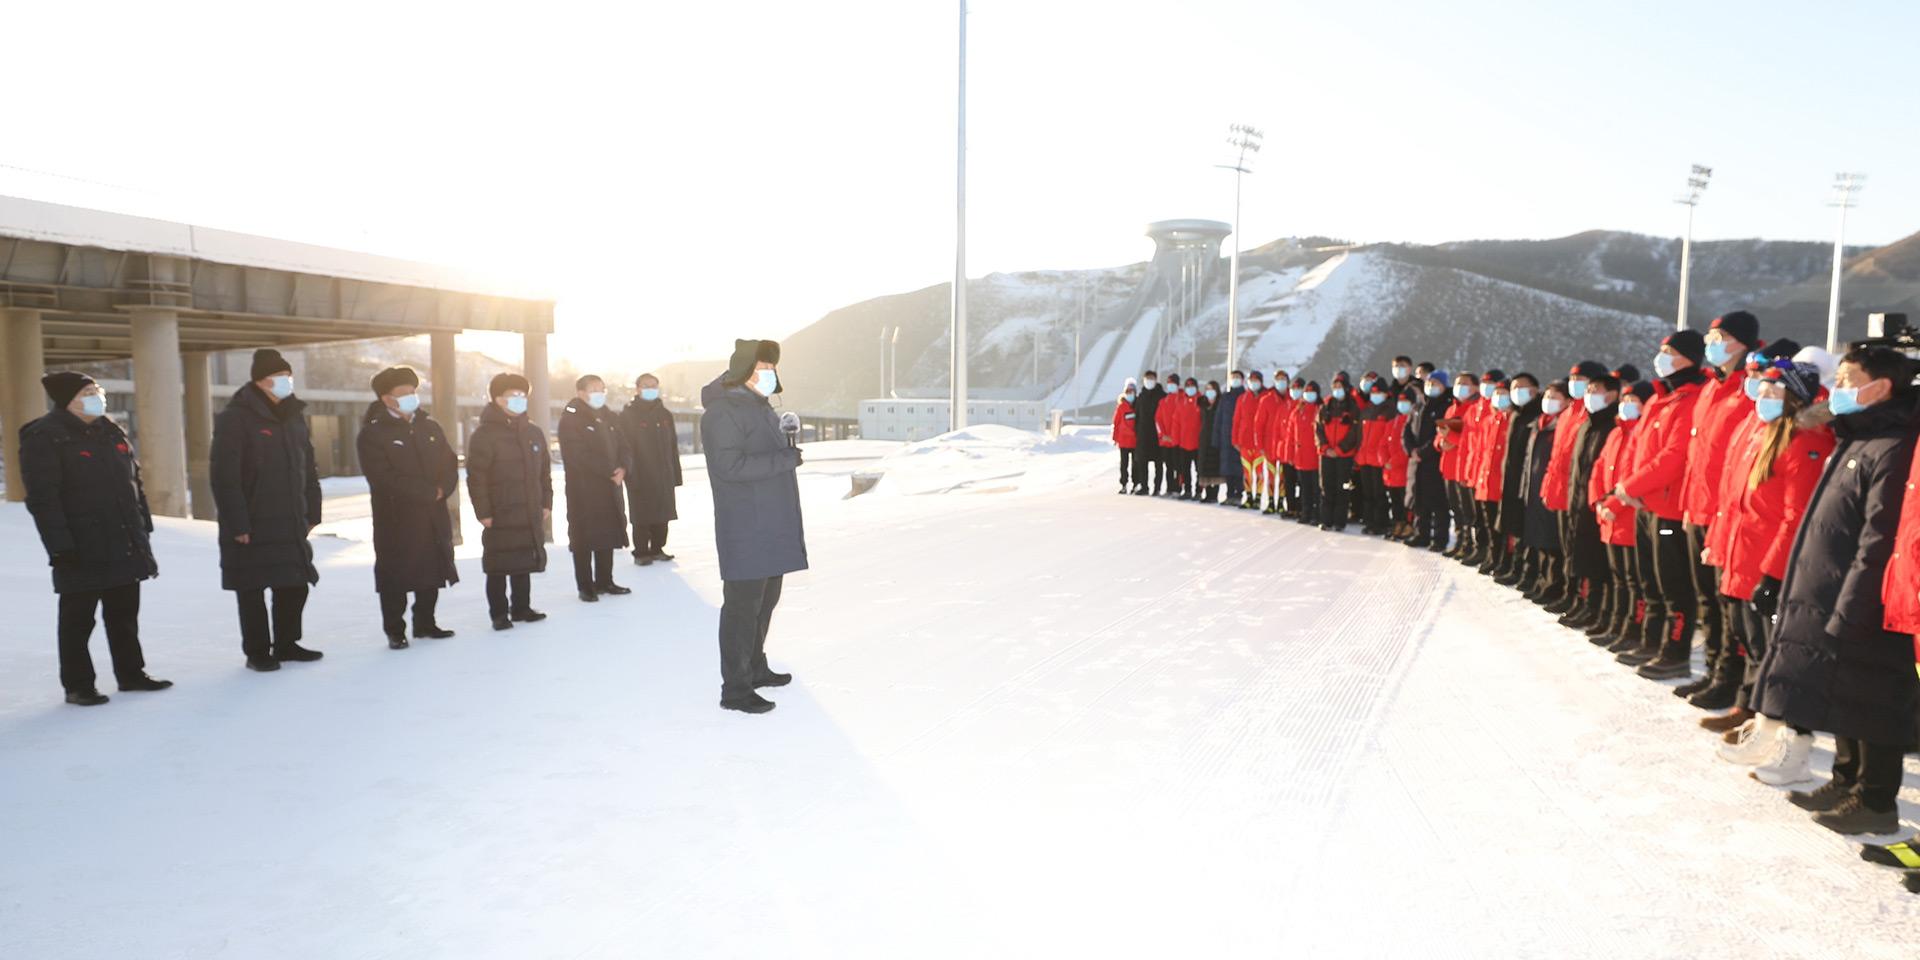 努力为世界奉献一届精彩、非凡、卓越的奥运盛会。